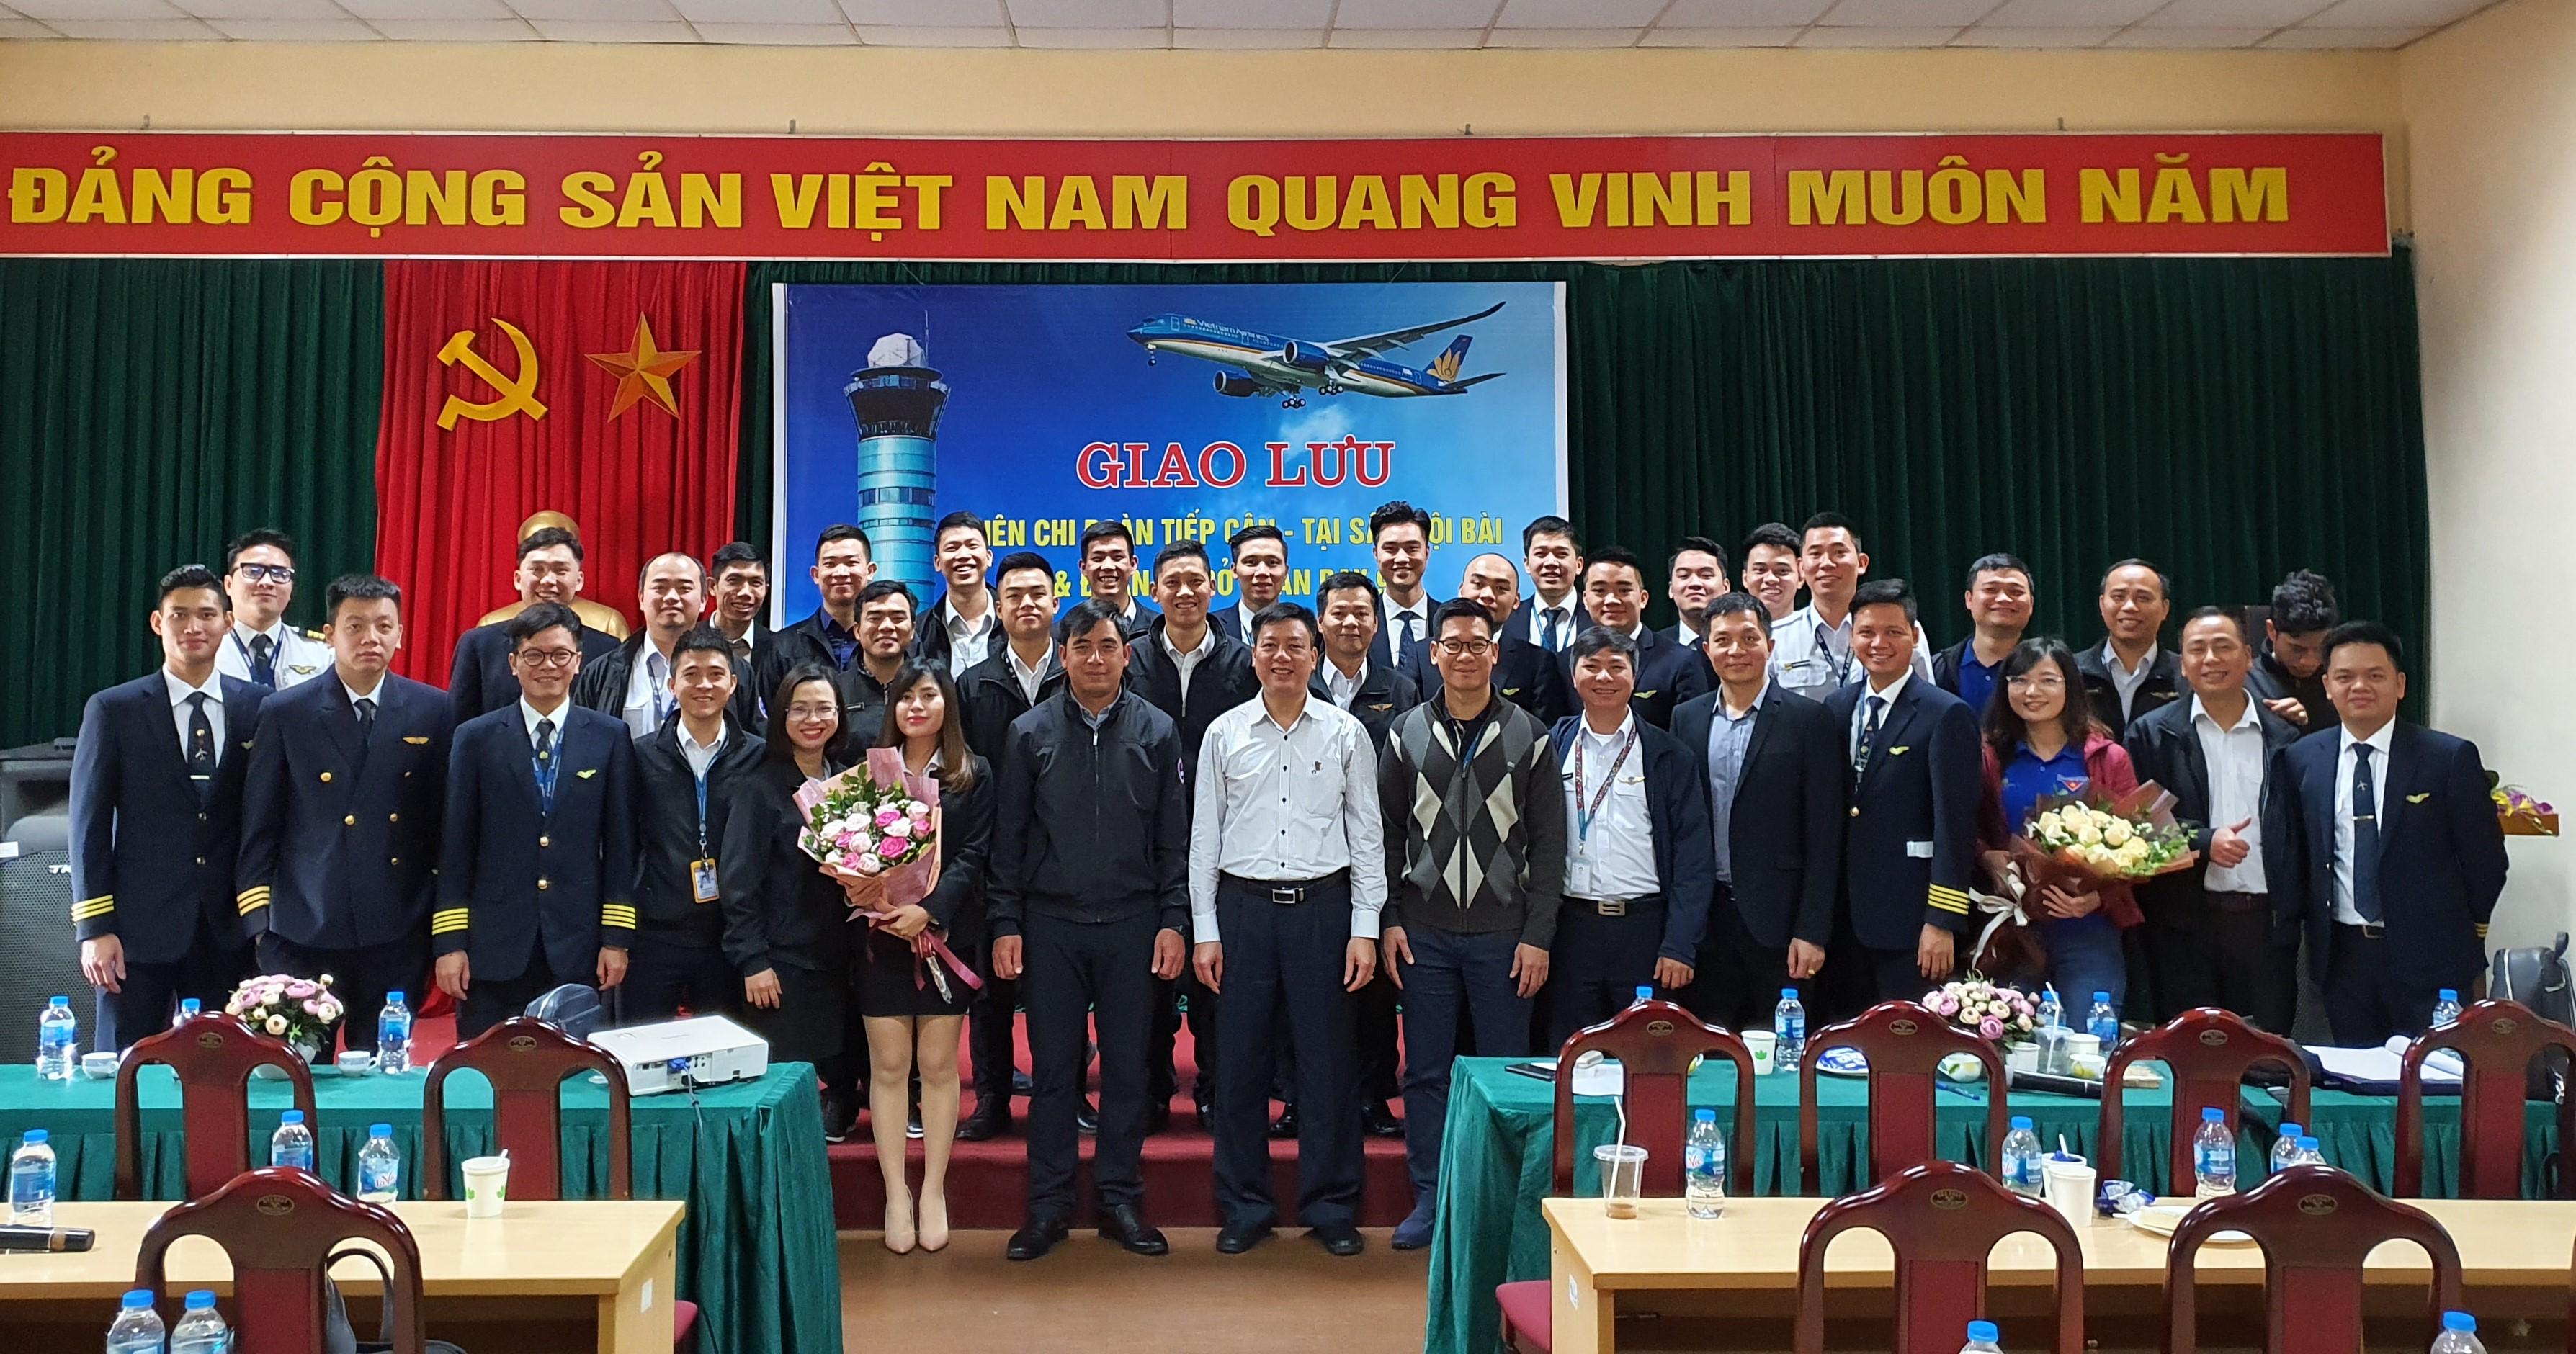 Giao lưu giữa Liên chi đoàn thanh niên Trung tâm Kiểm soát tiếp cận- tại sân Nội Bài, và Đoàn cơ sở Đoàn bay 919